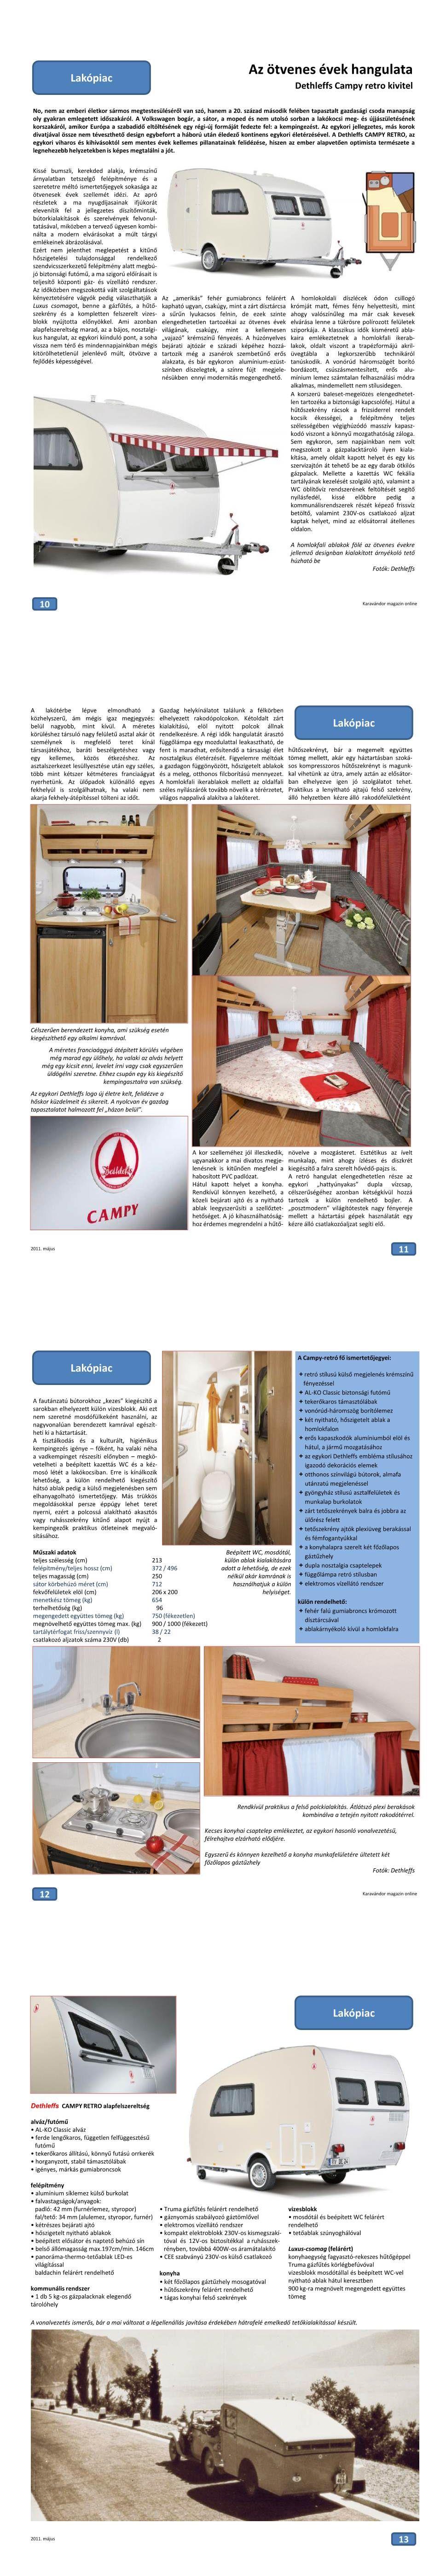 Lakópiac - Előre a múltba: Campy RETRO